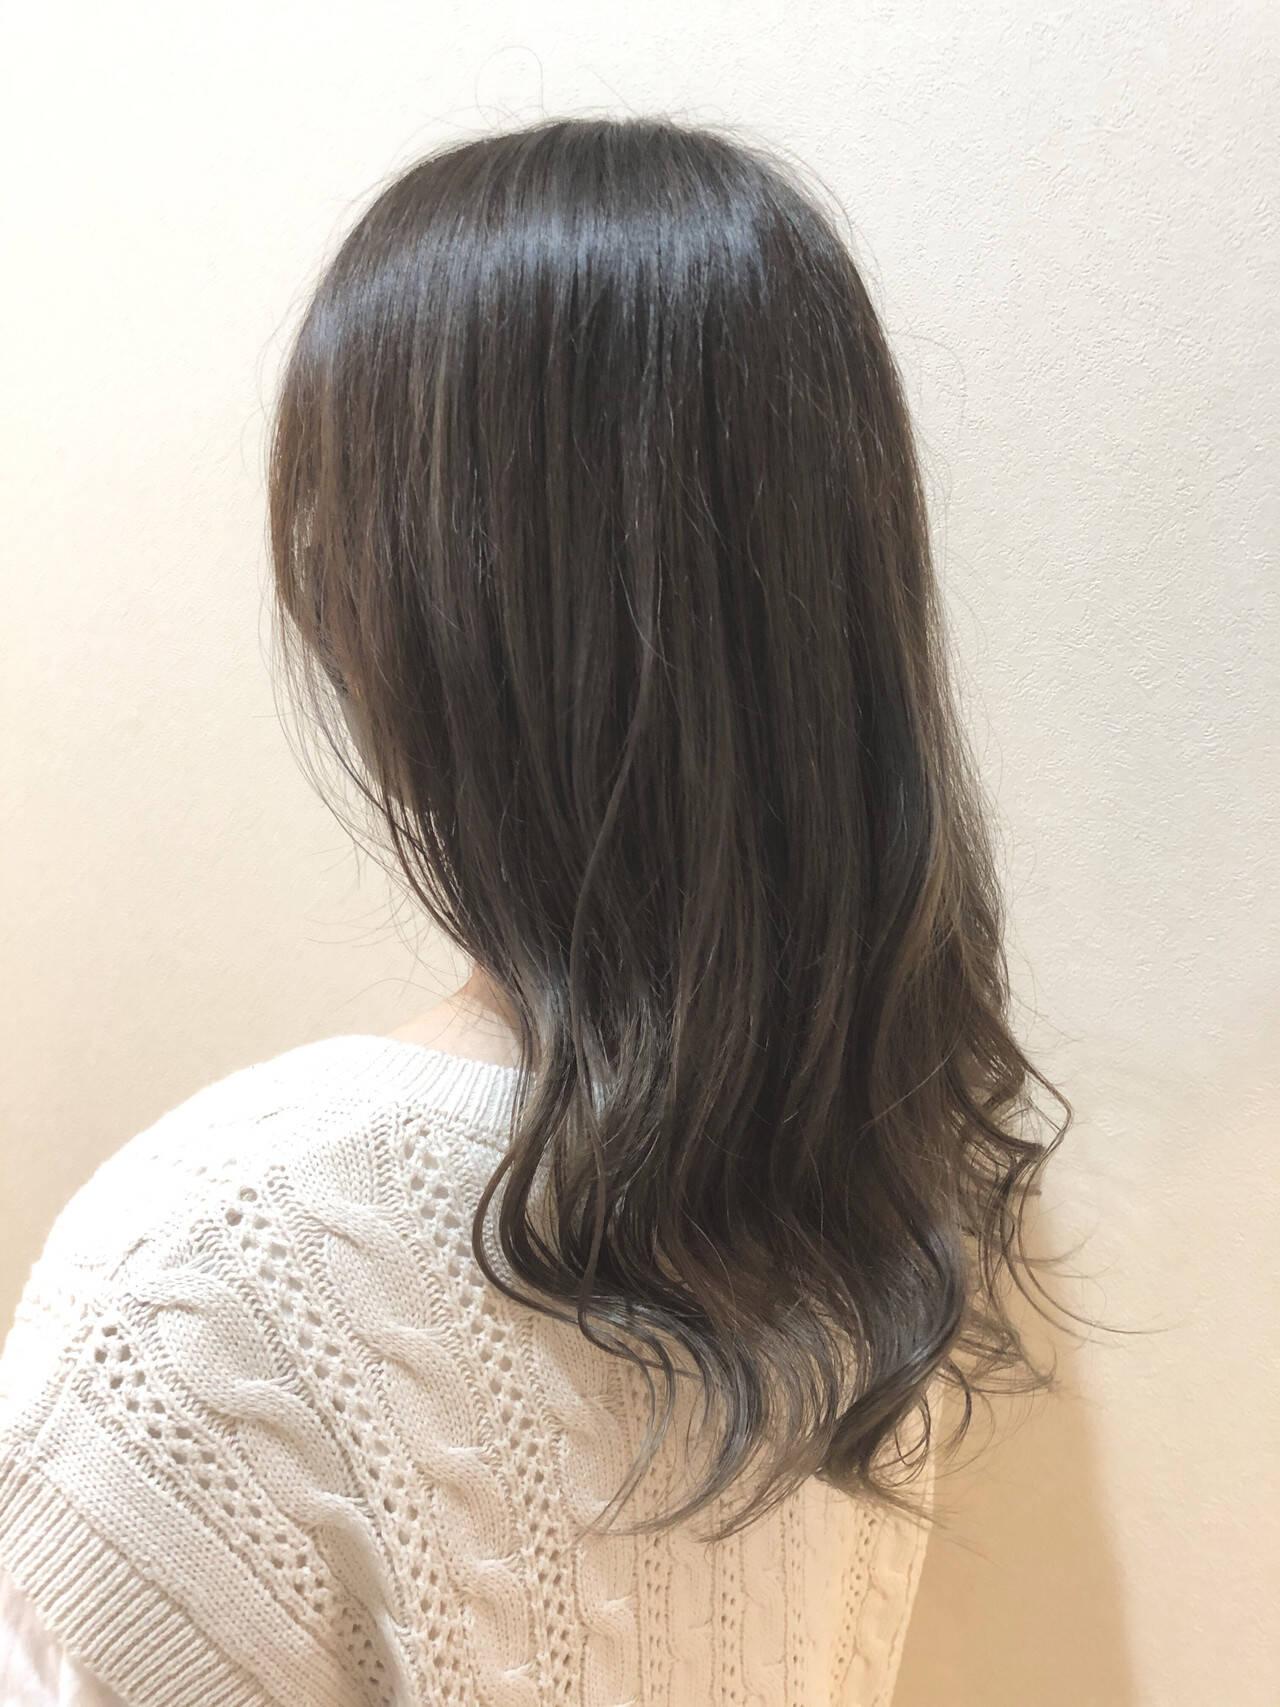 オリーブグレージュ 外国人風 ナチュラル アッシュグレージュヘアスタイルや髪型の写真・画像